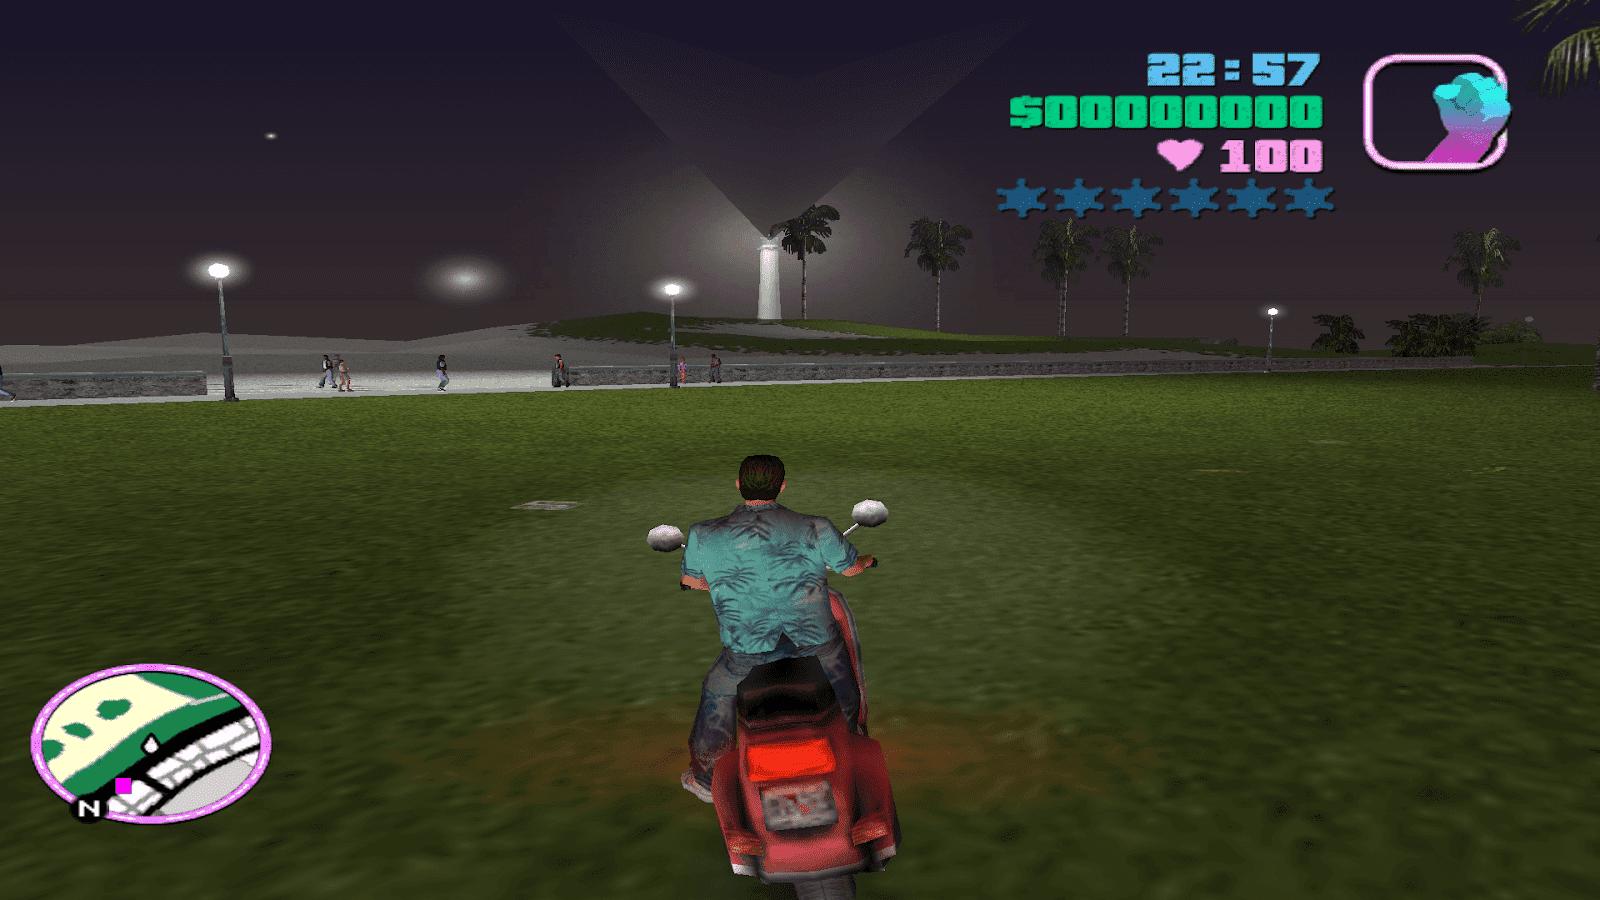 تحميل لعبة gta vice city مهكرة للكمبيوتر